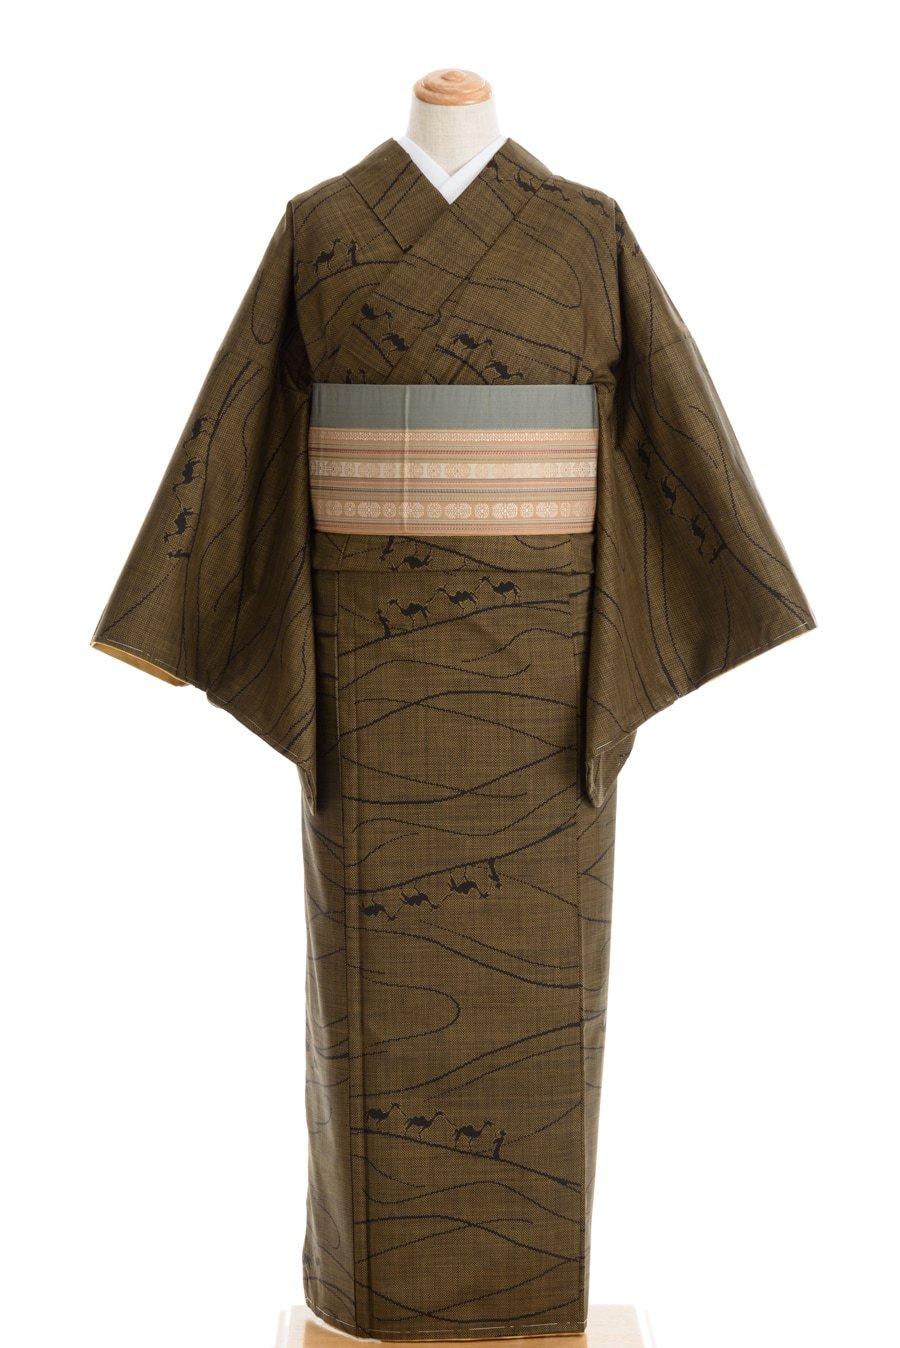 「大島紬 シルクロードのラクダ」の商品画像